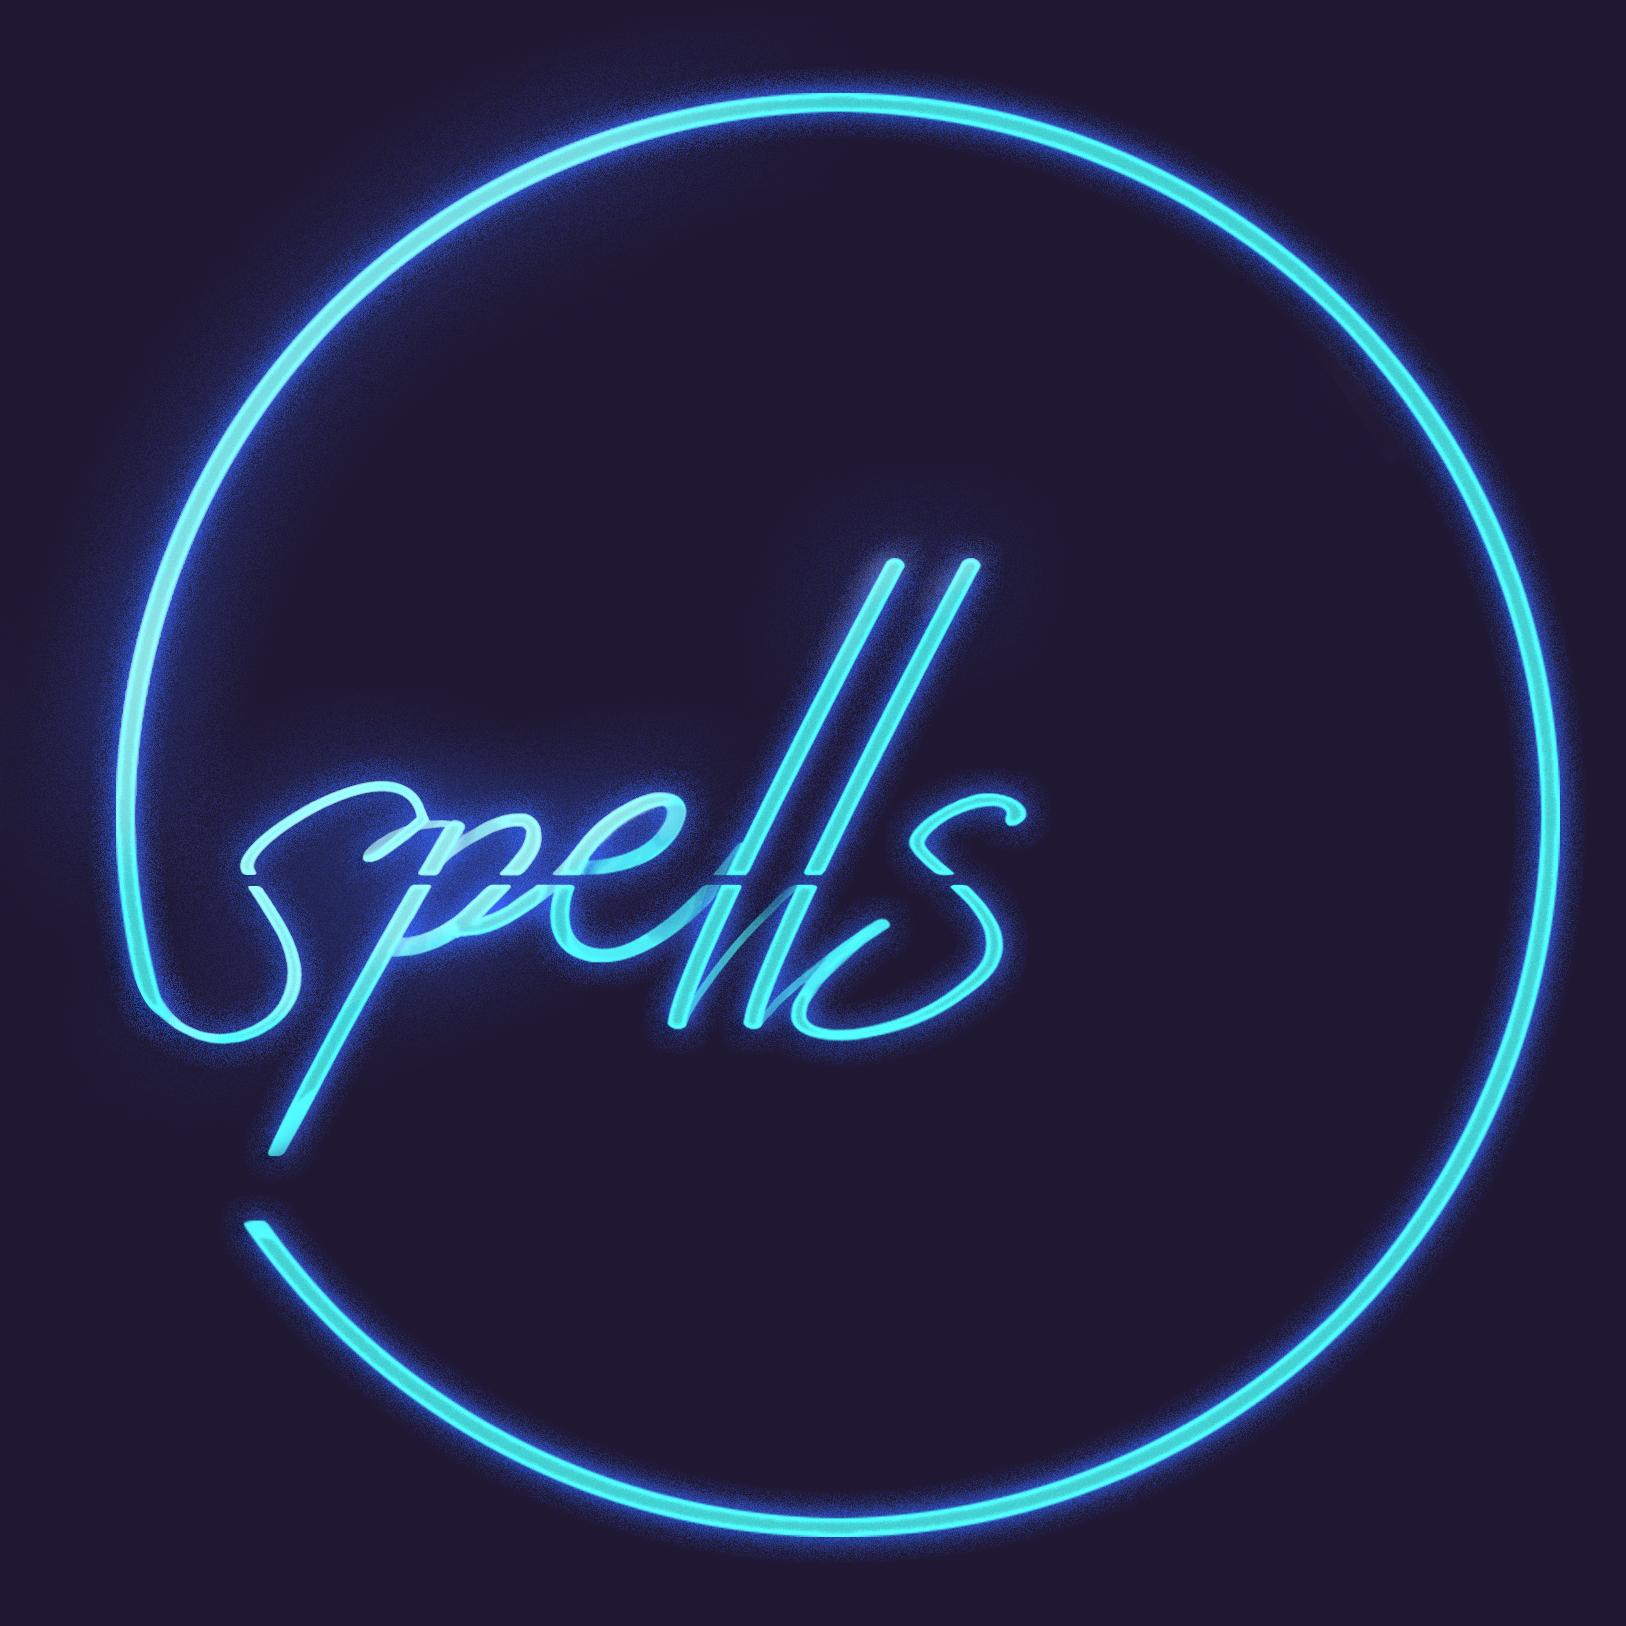 spells logo.jpg